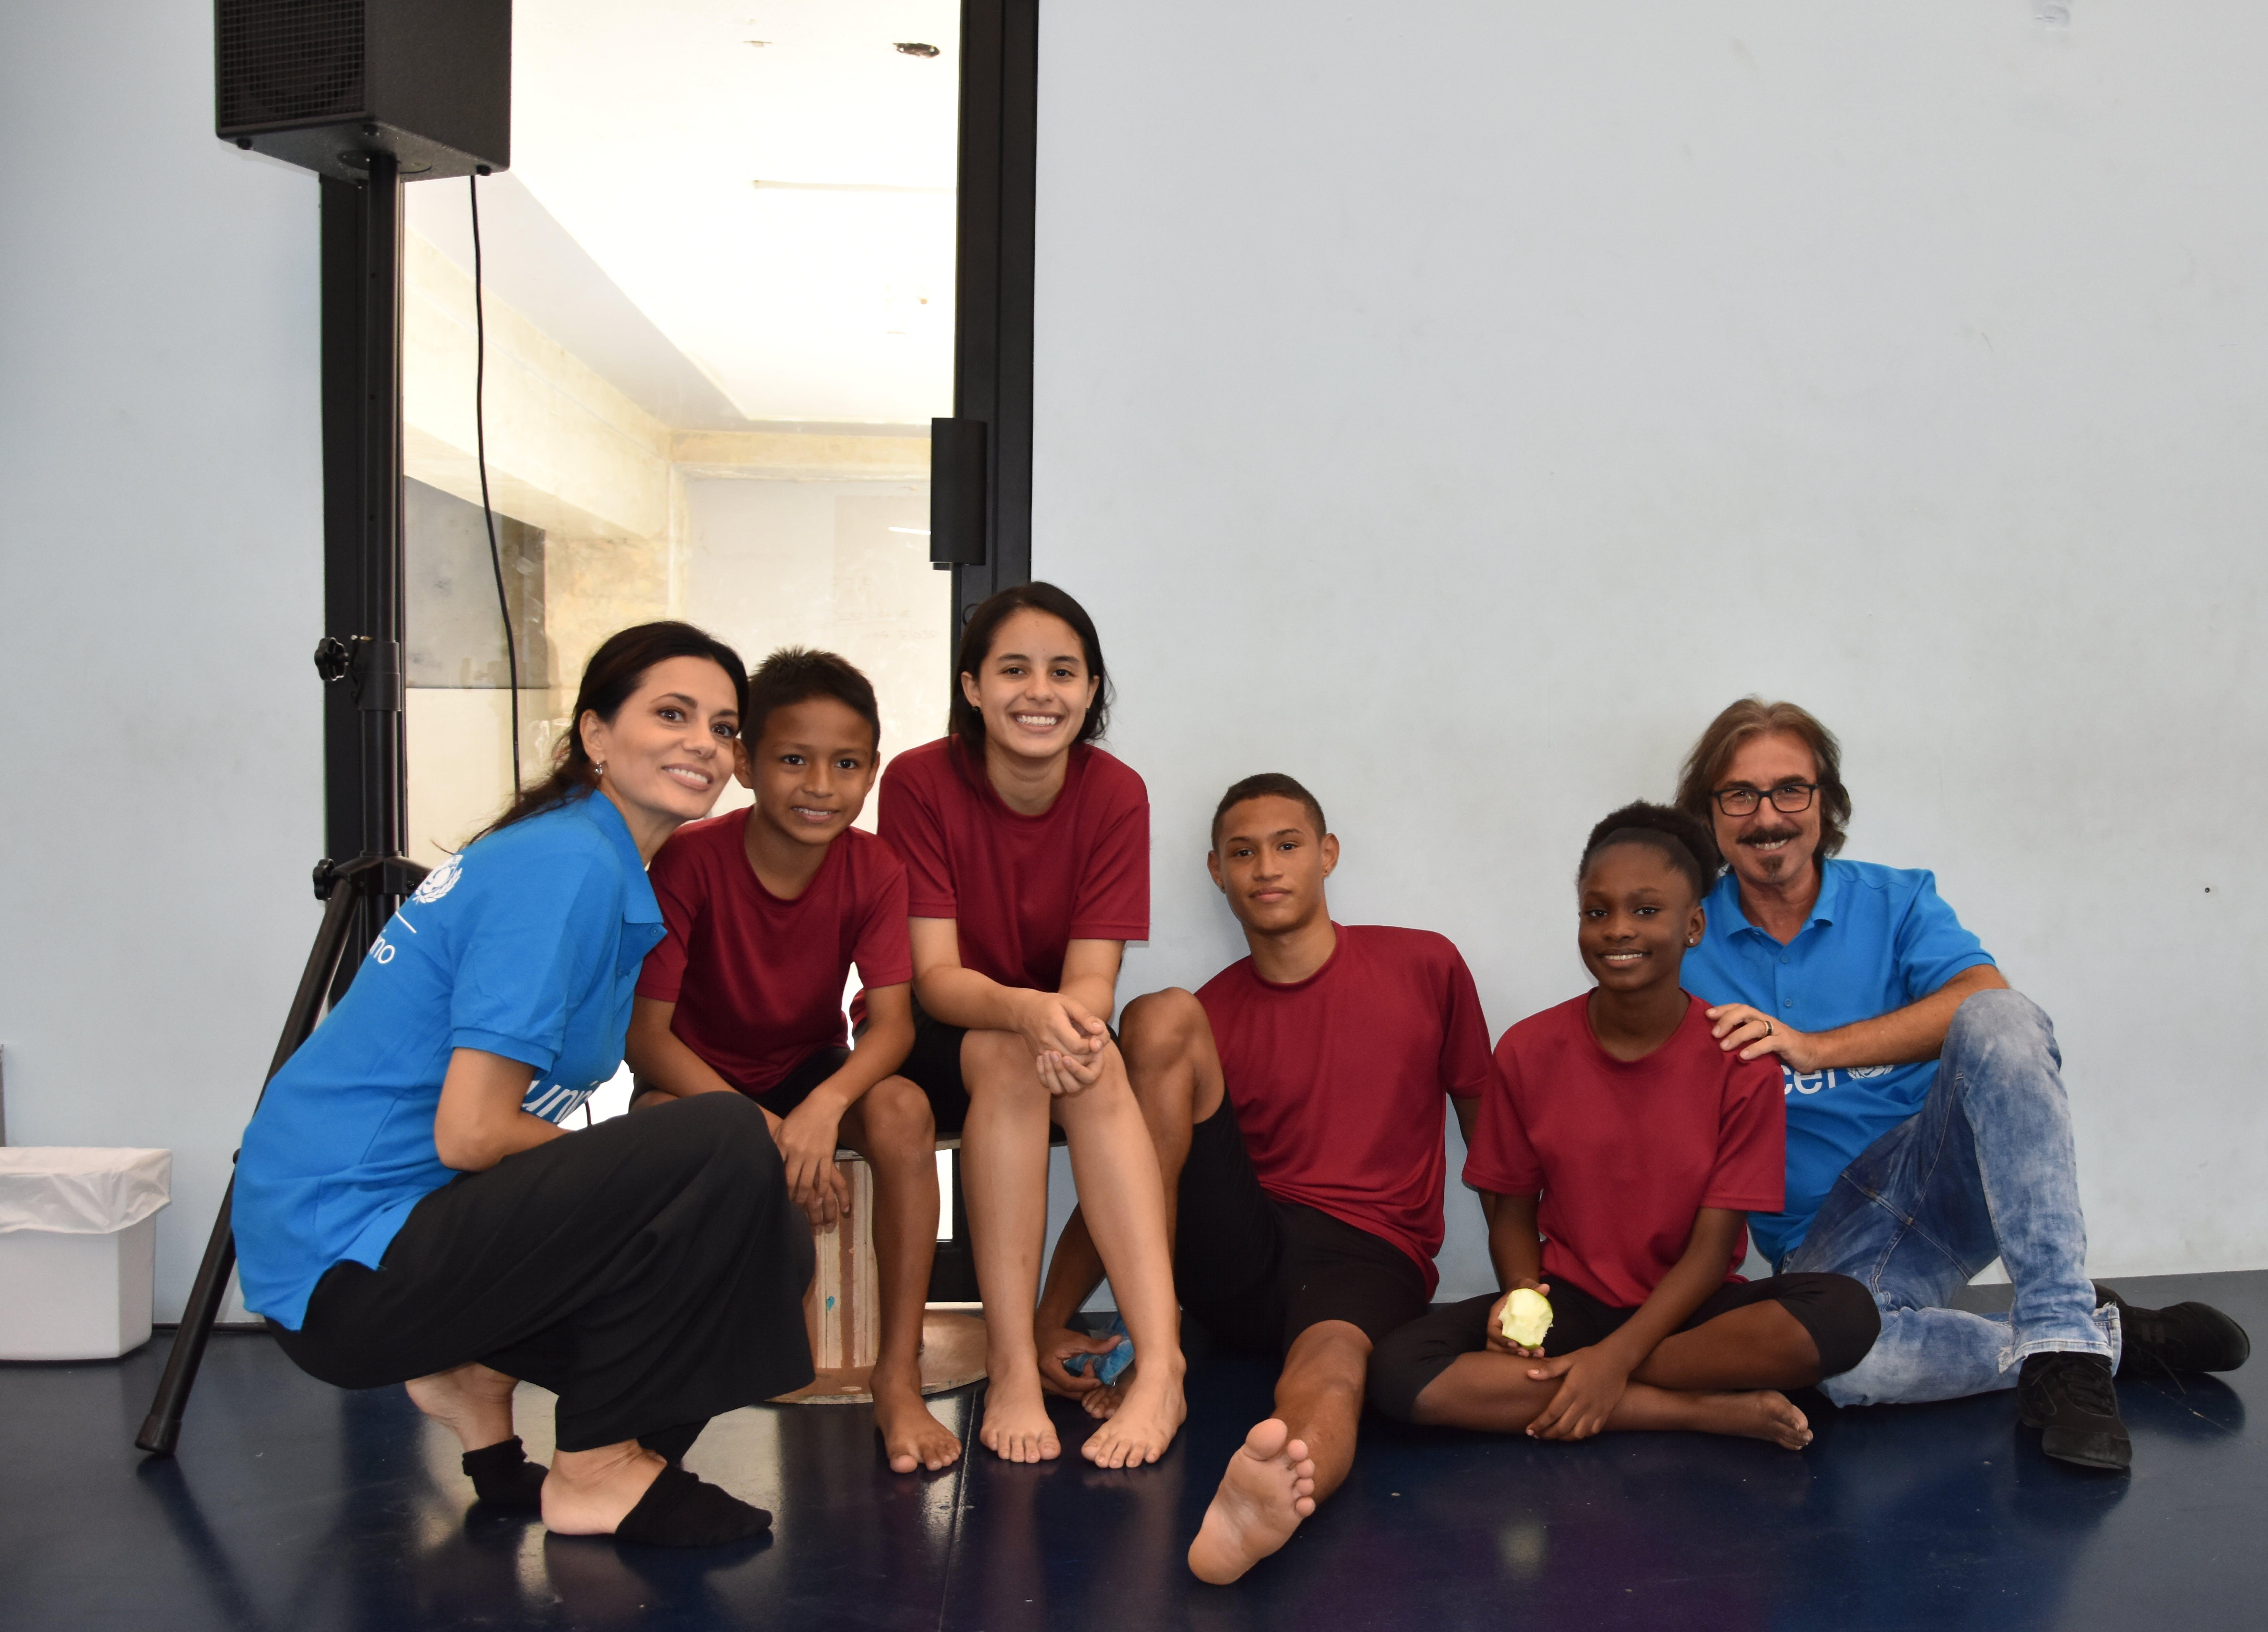 Rossella Brescia e Luciano Cannito, in missione con UNICEF a Panama, visitano una scuola di danza